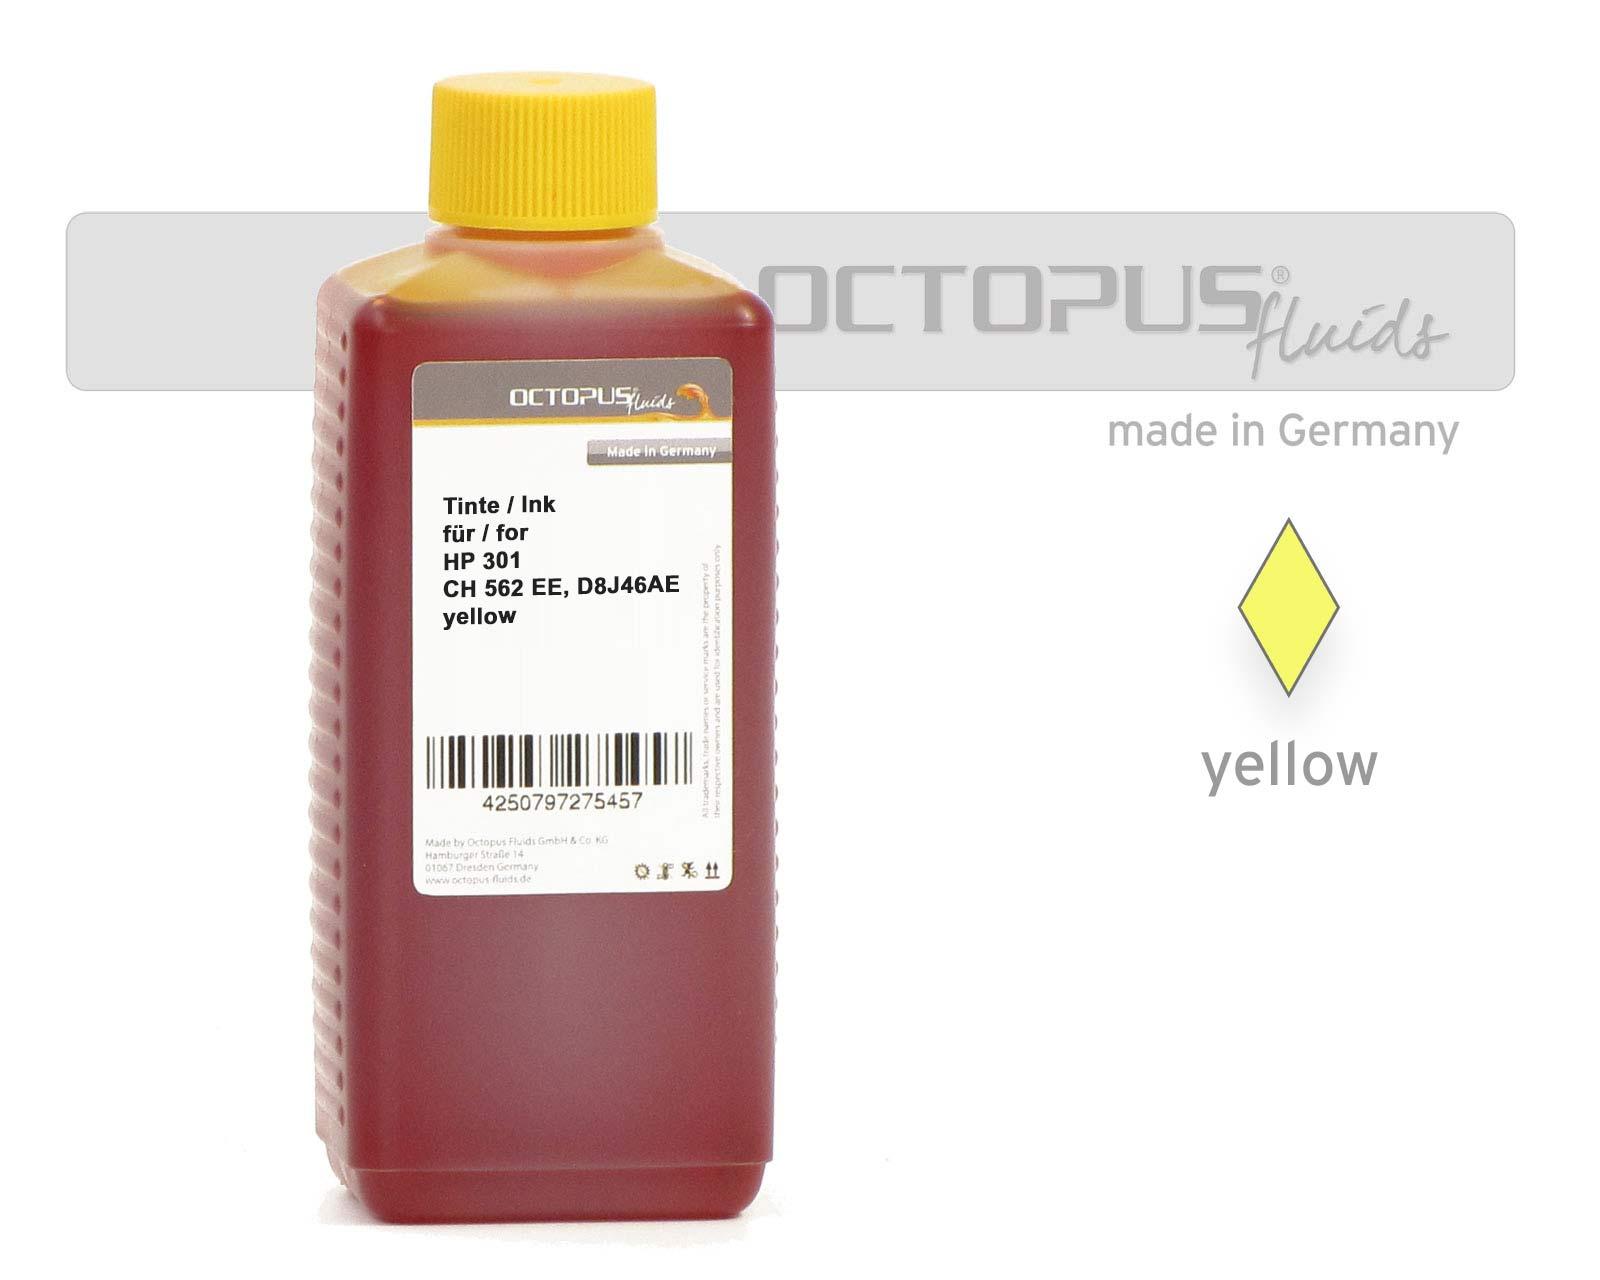 Druckertinte für HP 301, CH 562 EE, D8J46AE Druckerpatronen gelb